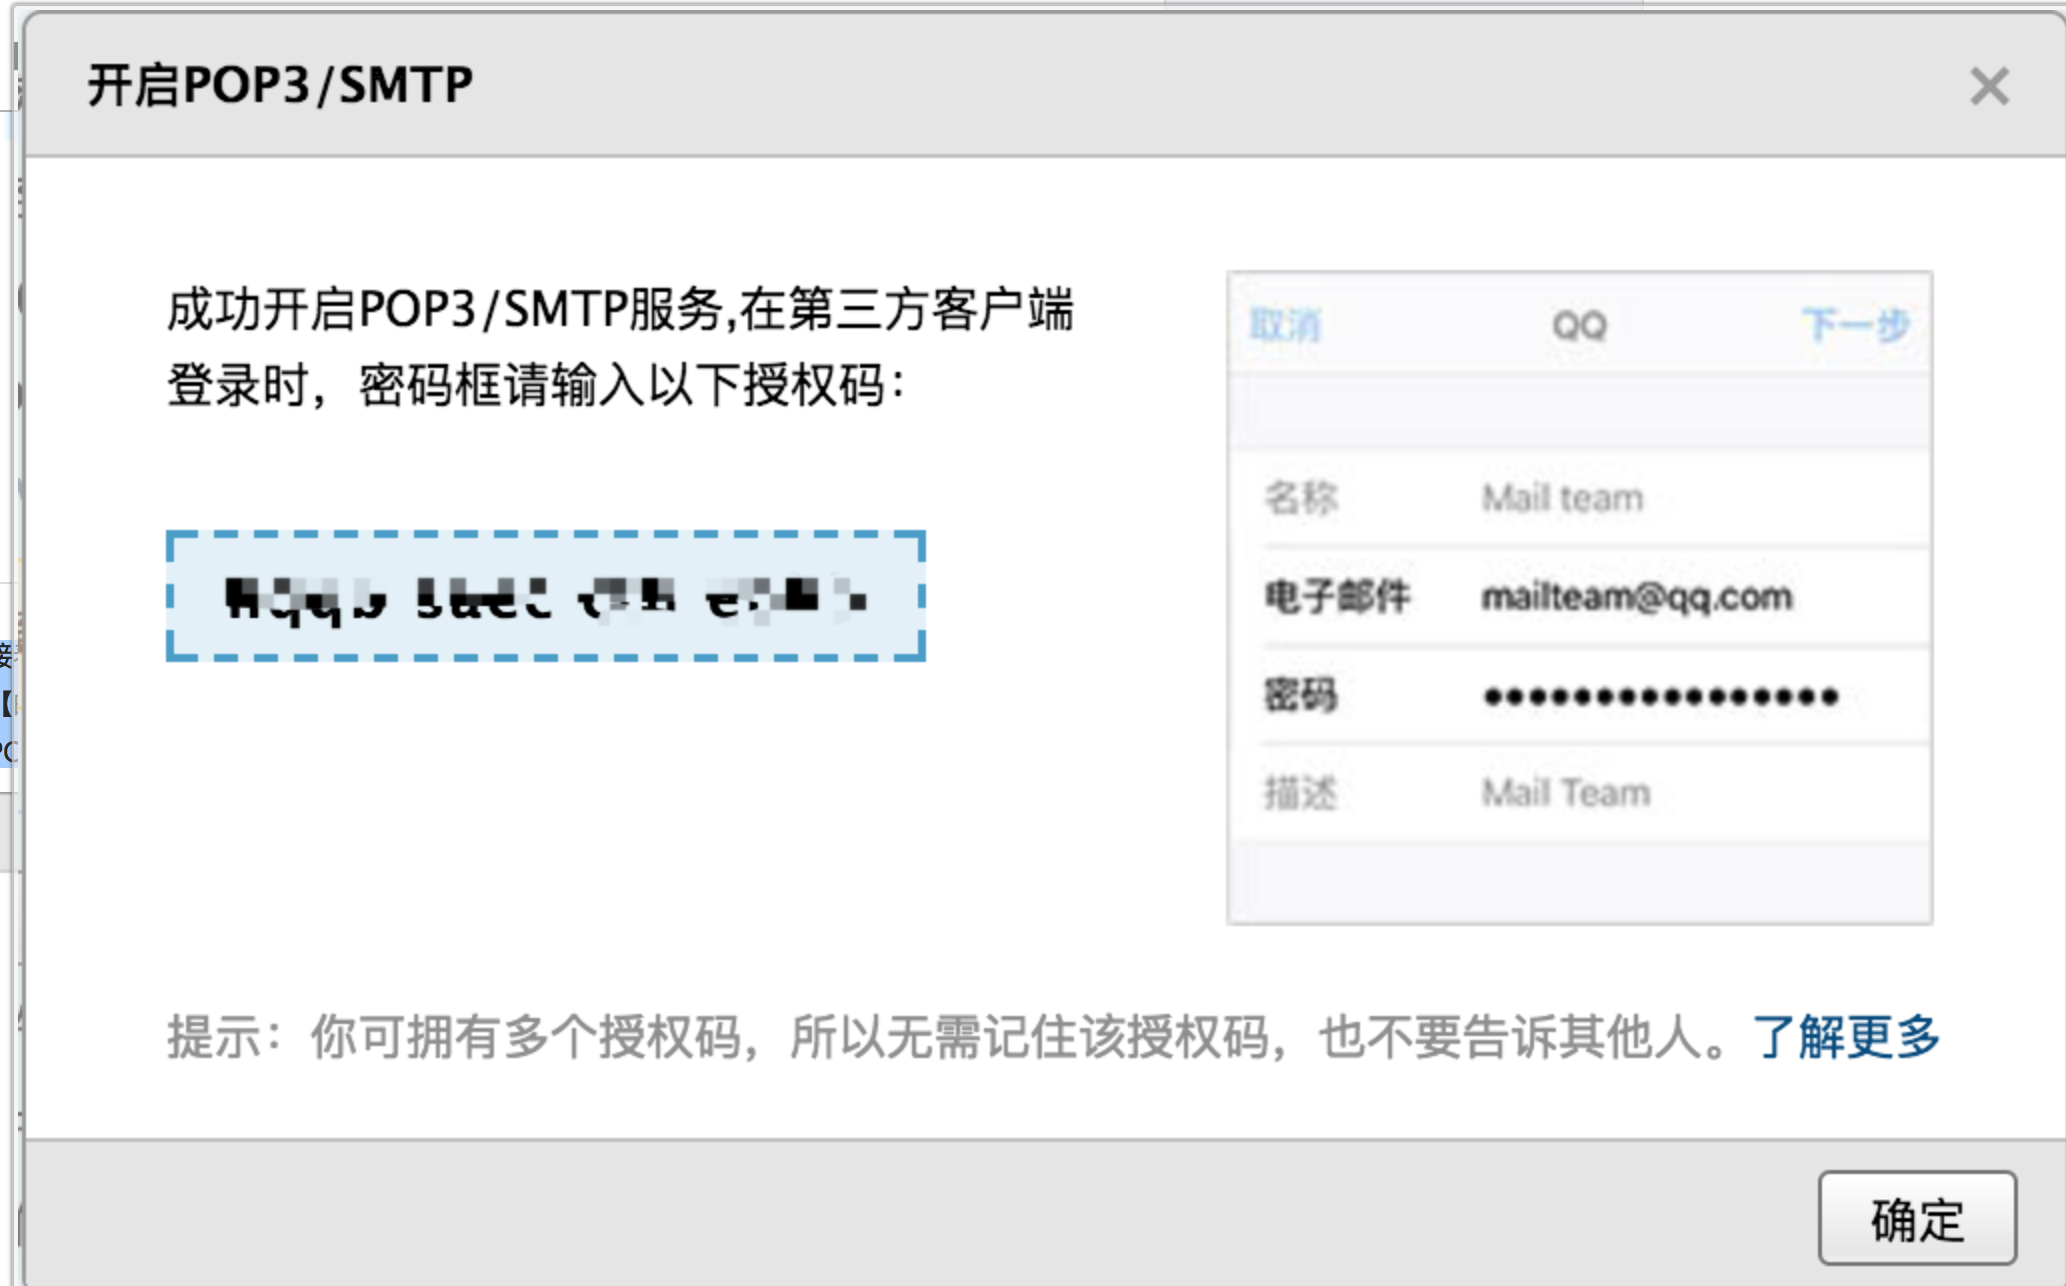 《设置MacBook Pro「邮件」客户端(以QQ邮箱为例)》